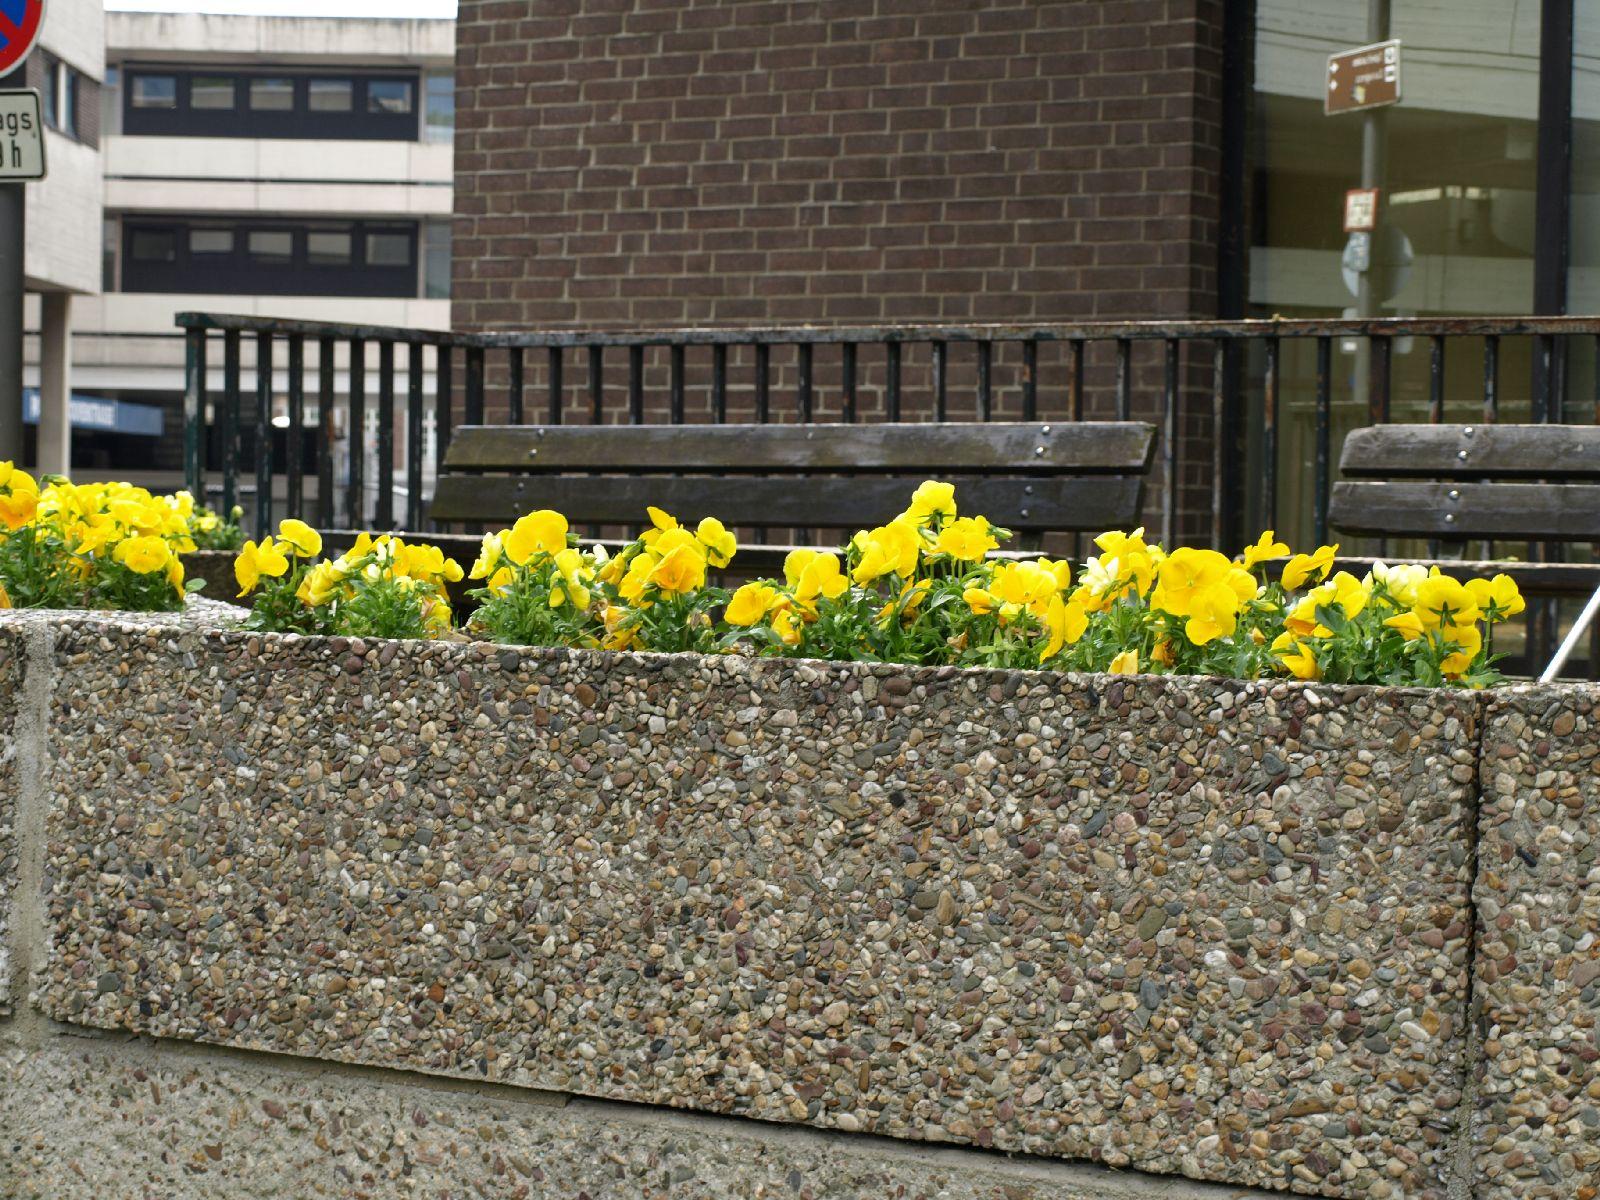 Pflanzen-Blumen-Foto_Textur_B_P5142759